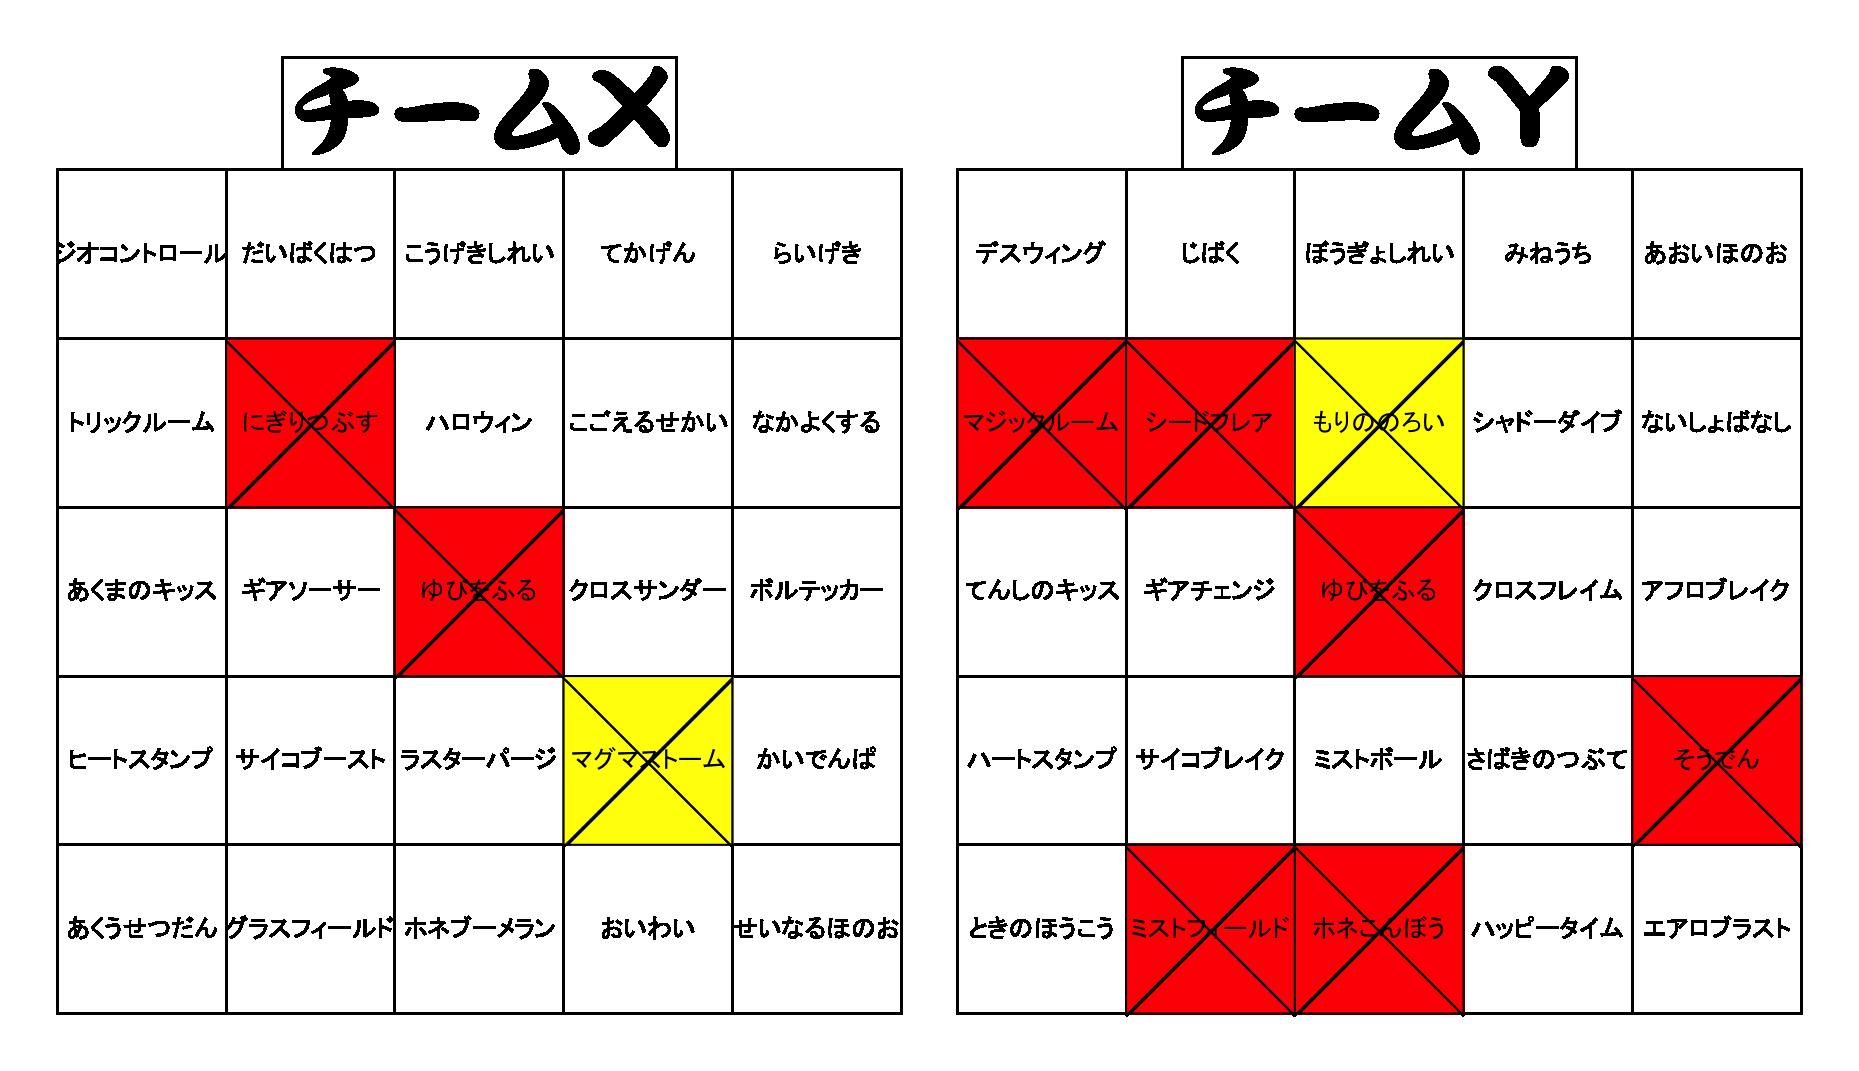 bingo3.png